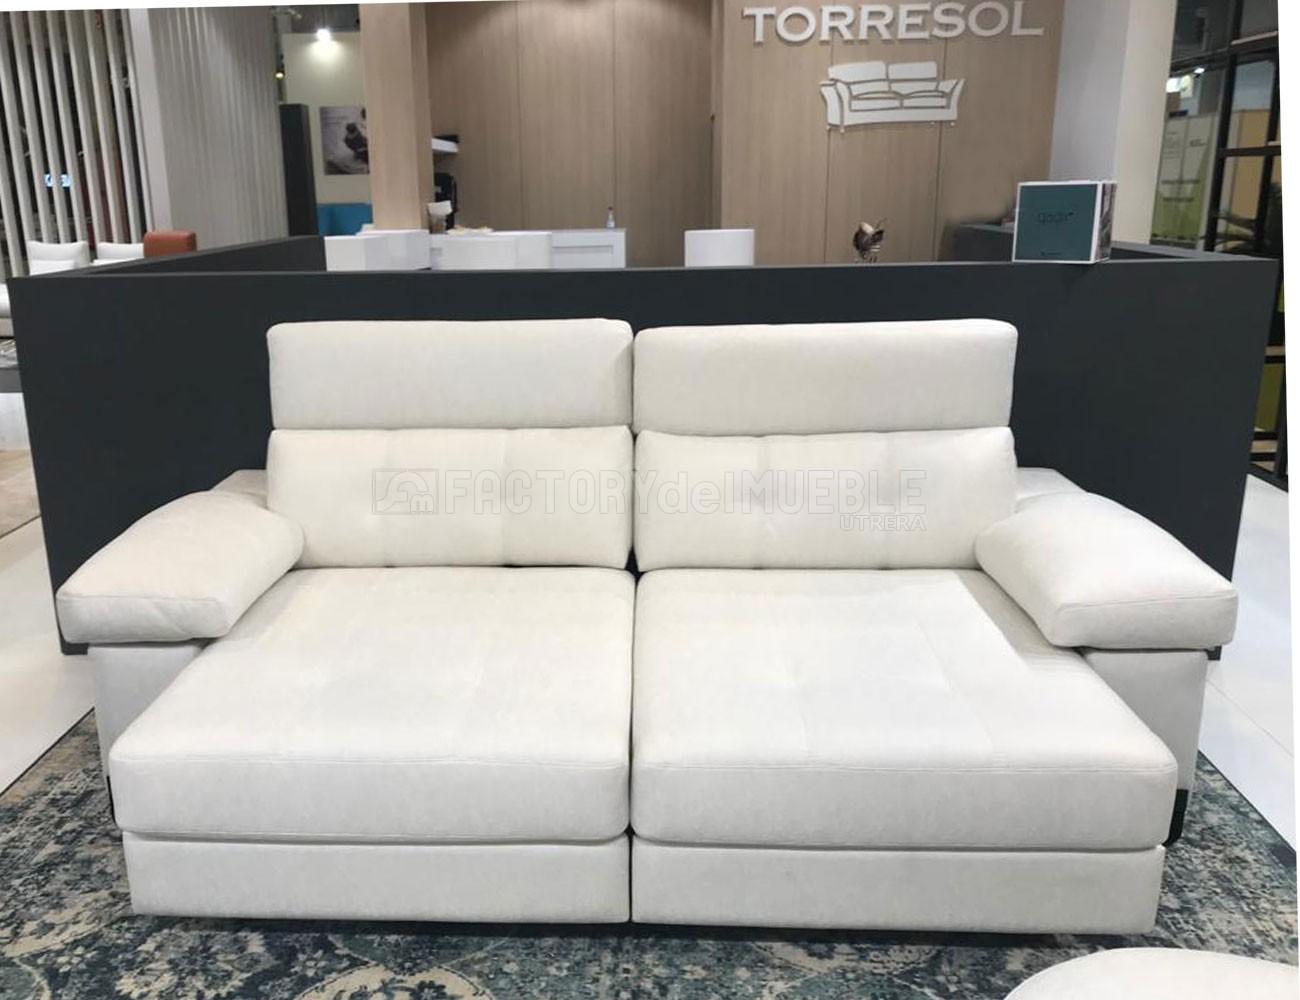 Sofa cayetana torresol 1